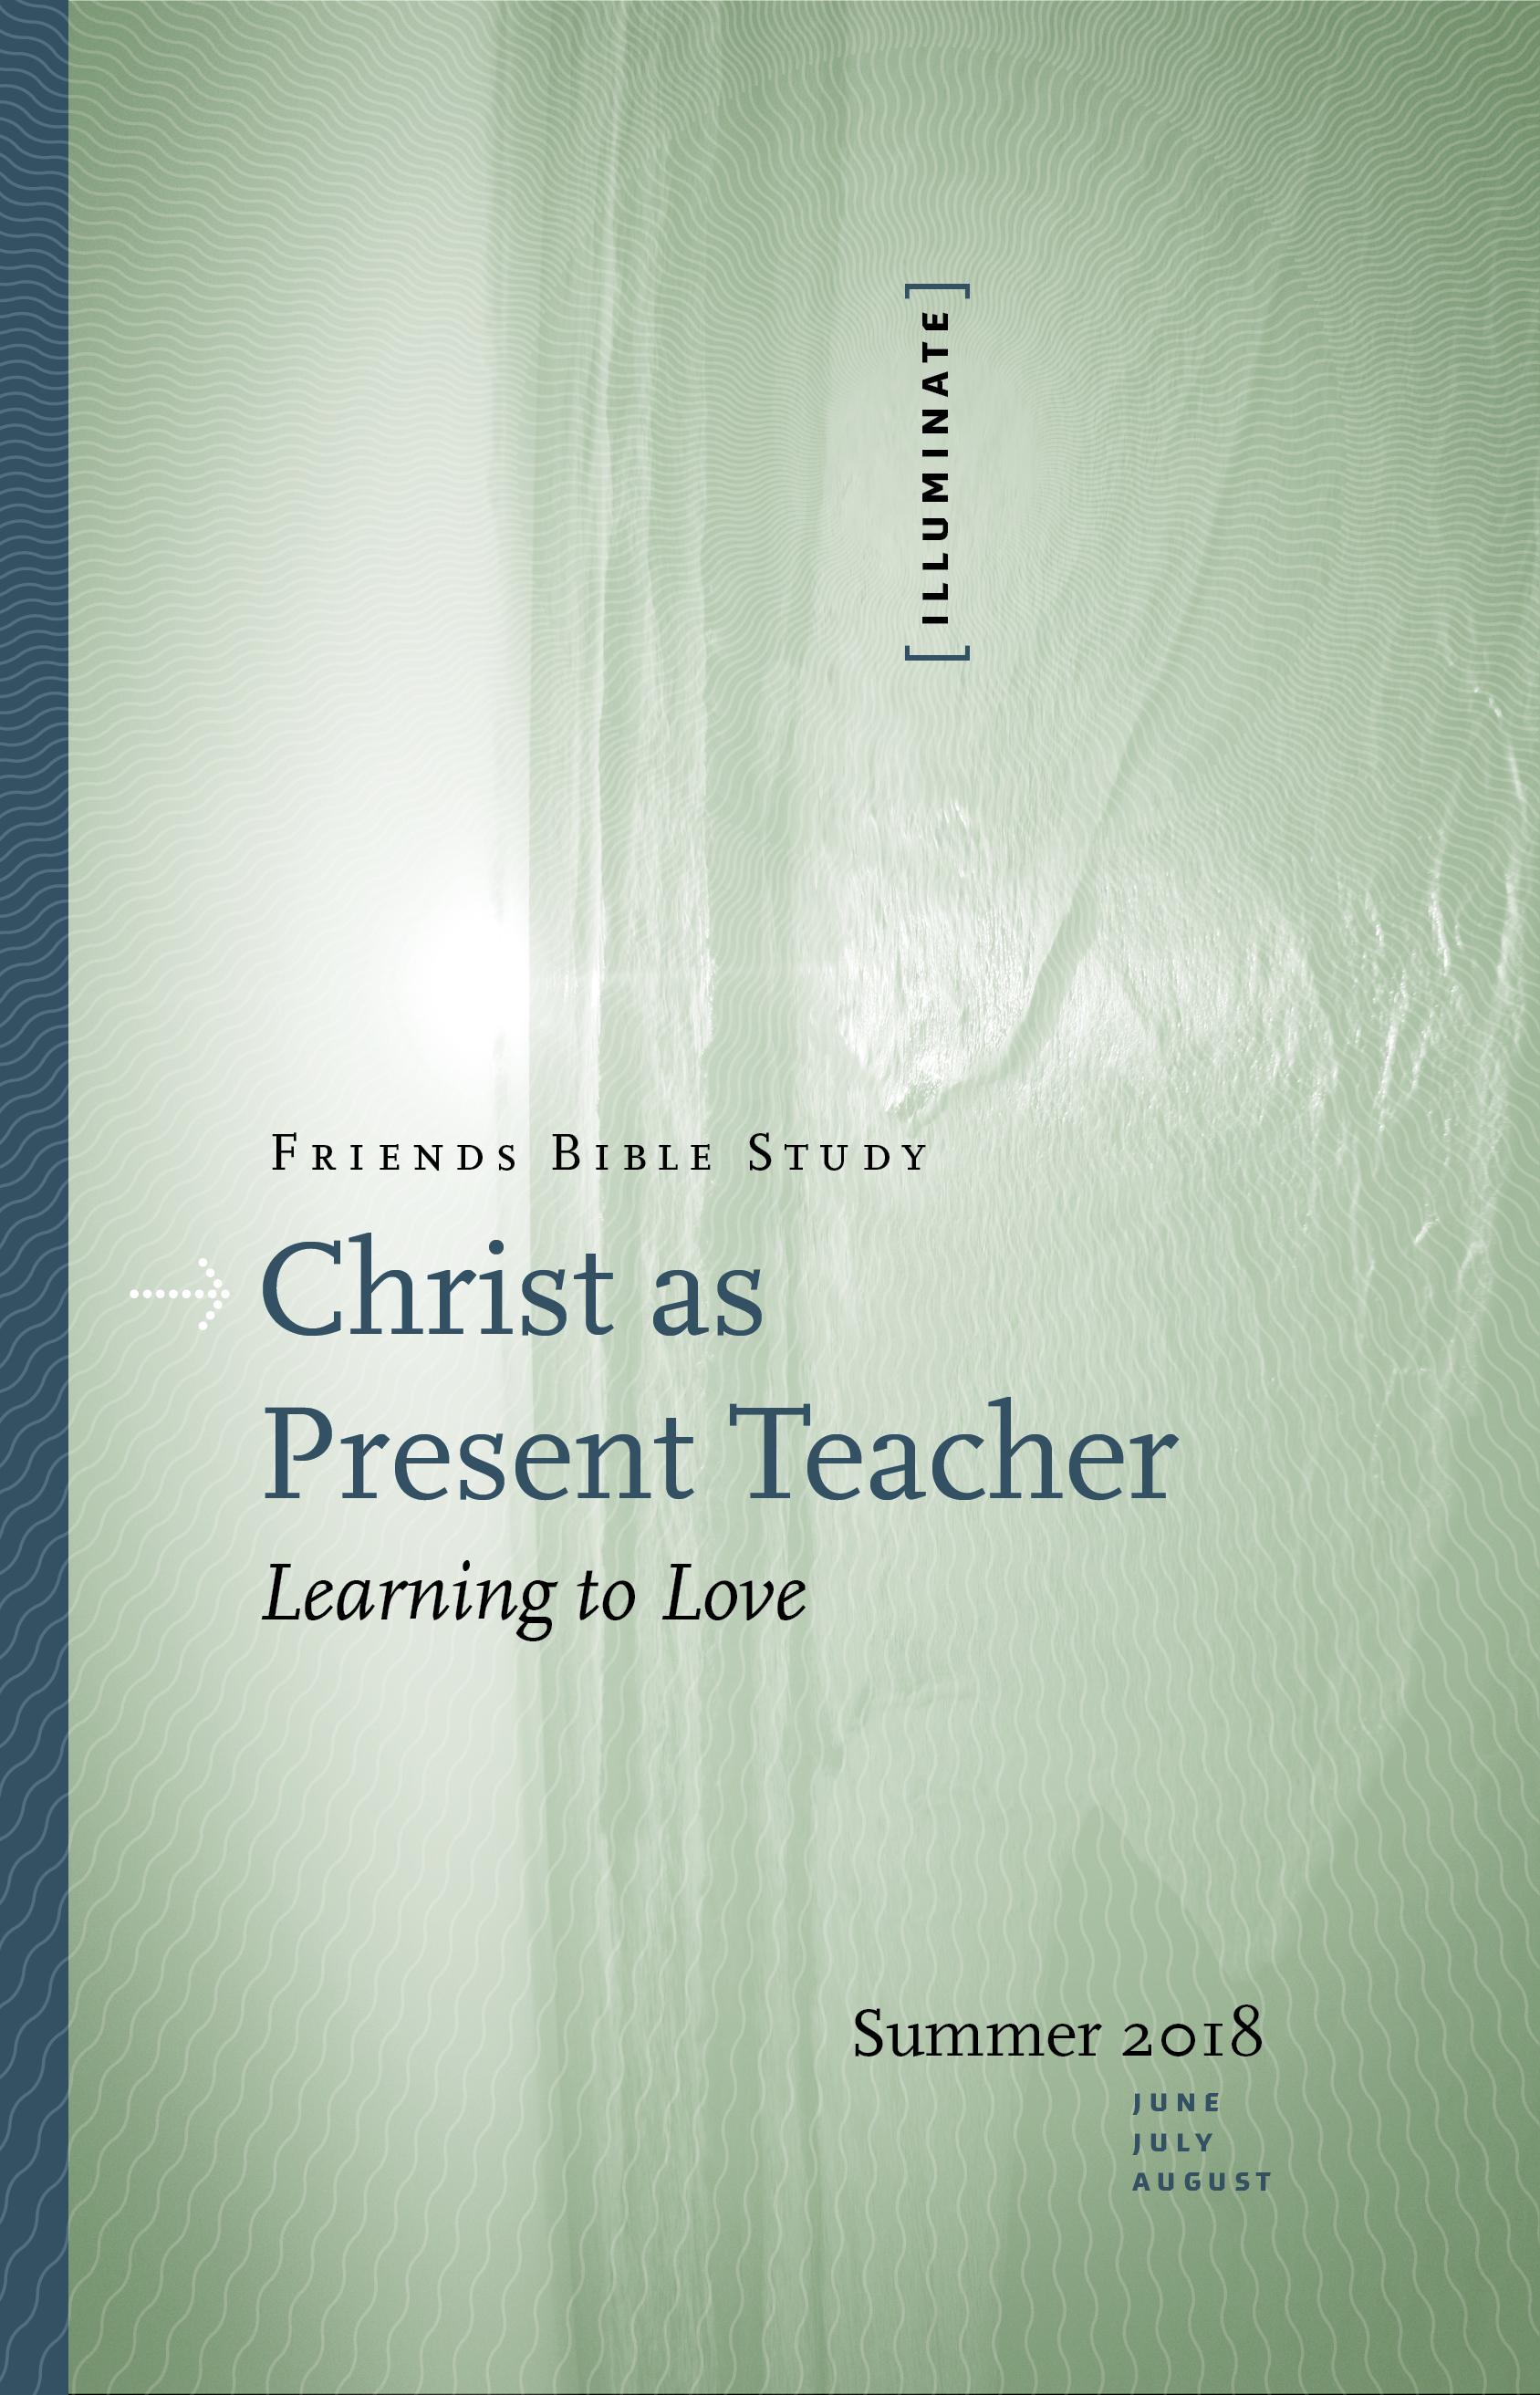 Christ as Present Teacher